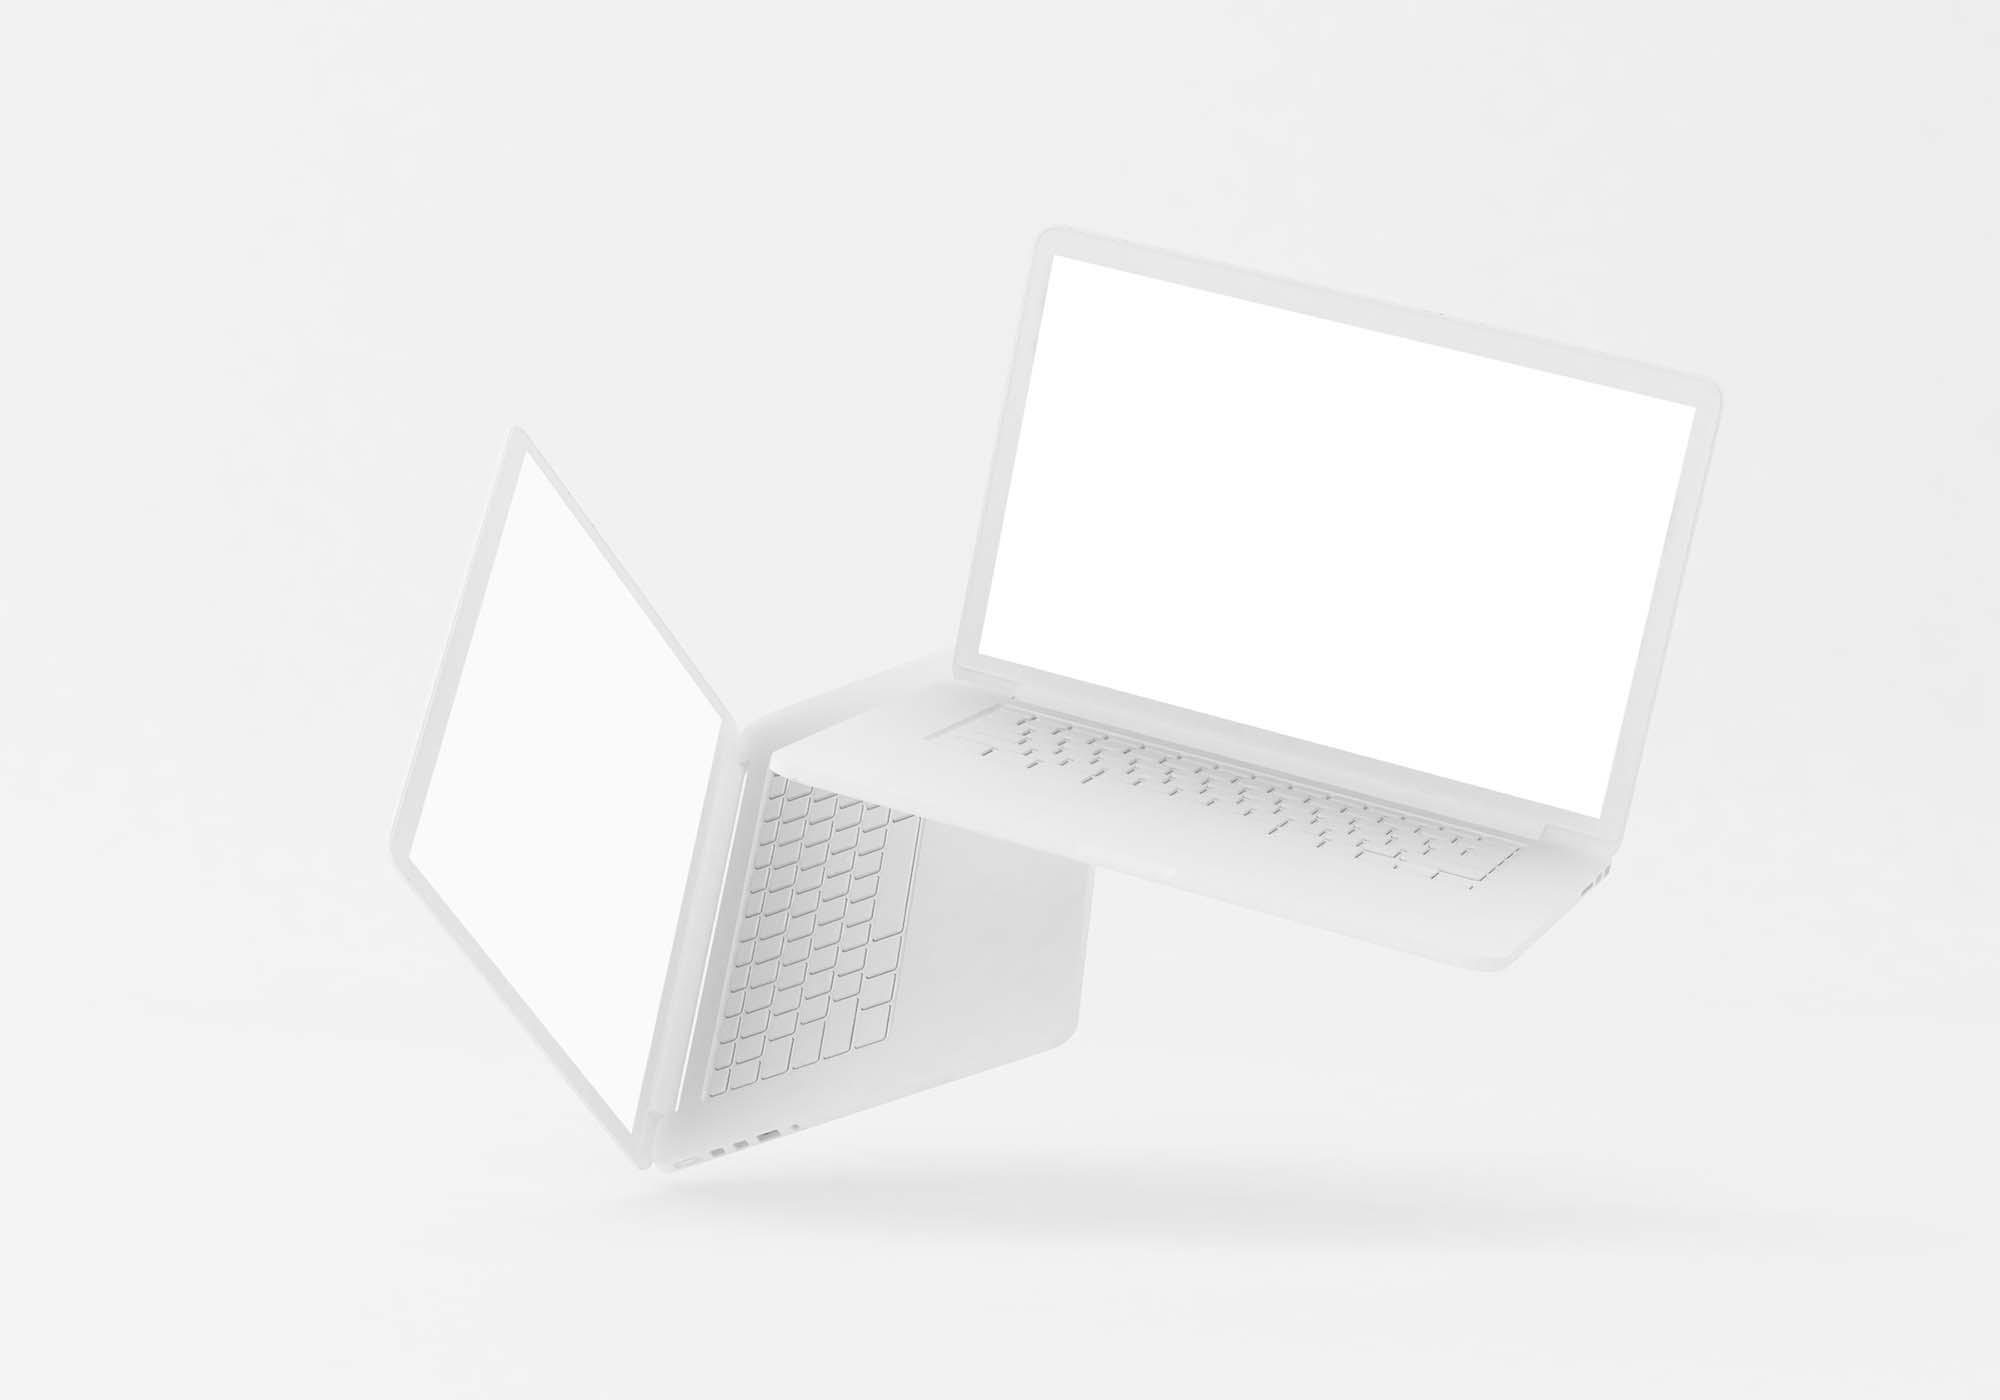 Floating MacBook Mockup 2